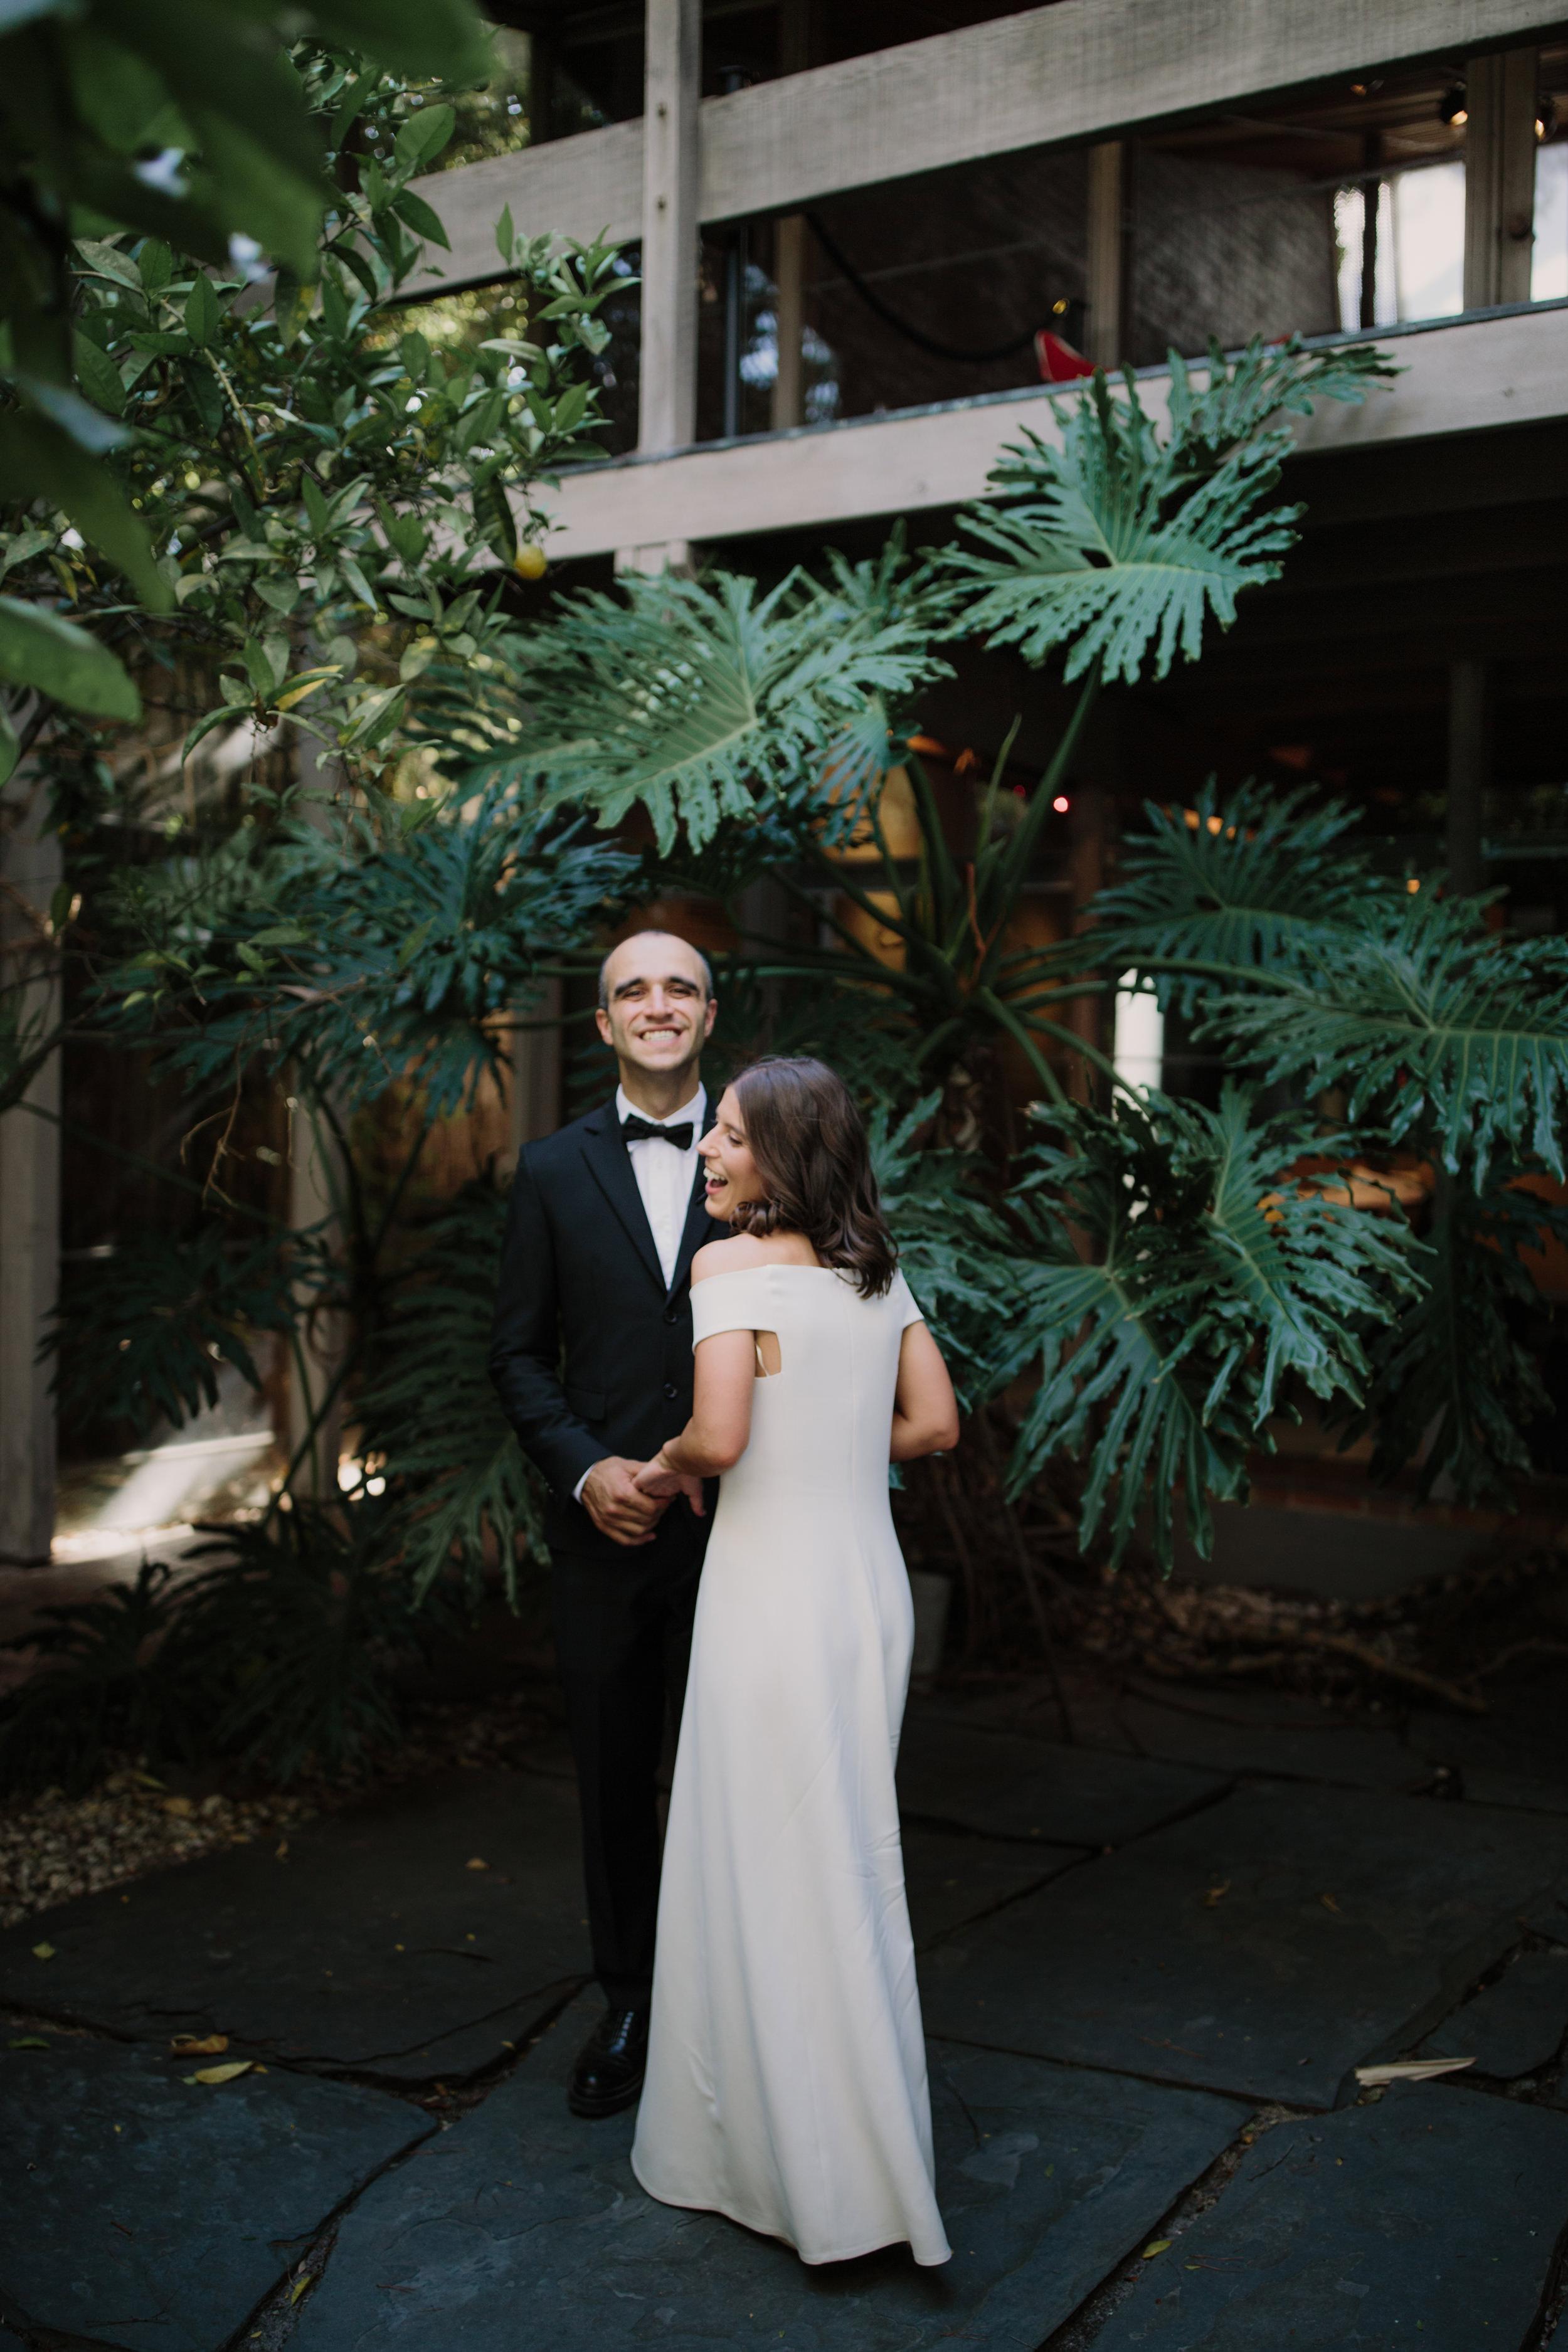 I-Got-You-Babe-Weddings-Flo-Jez-Heide-Boyd-Robyn0167.JPG